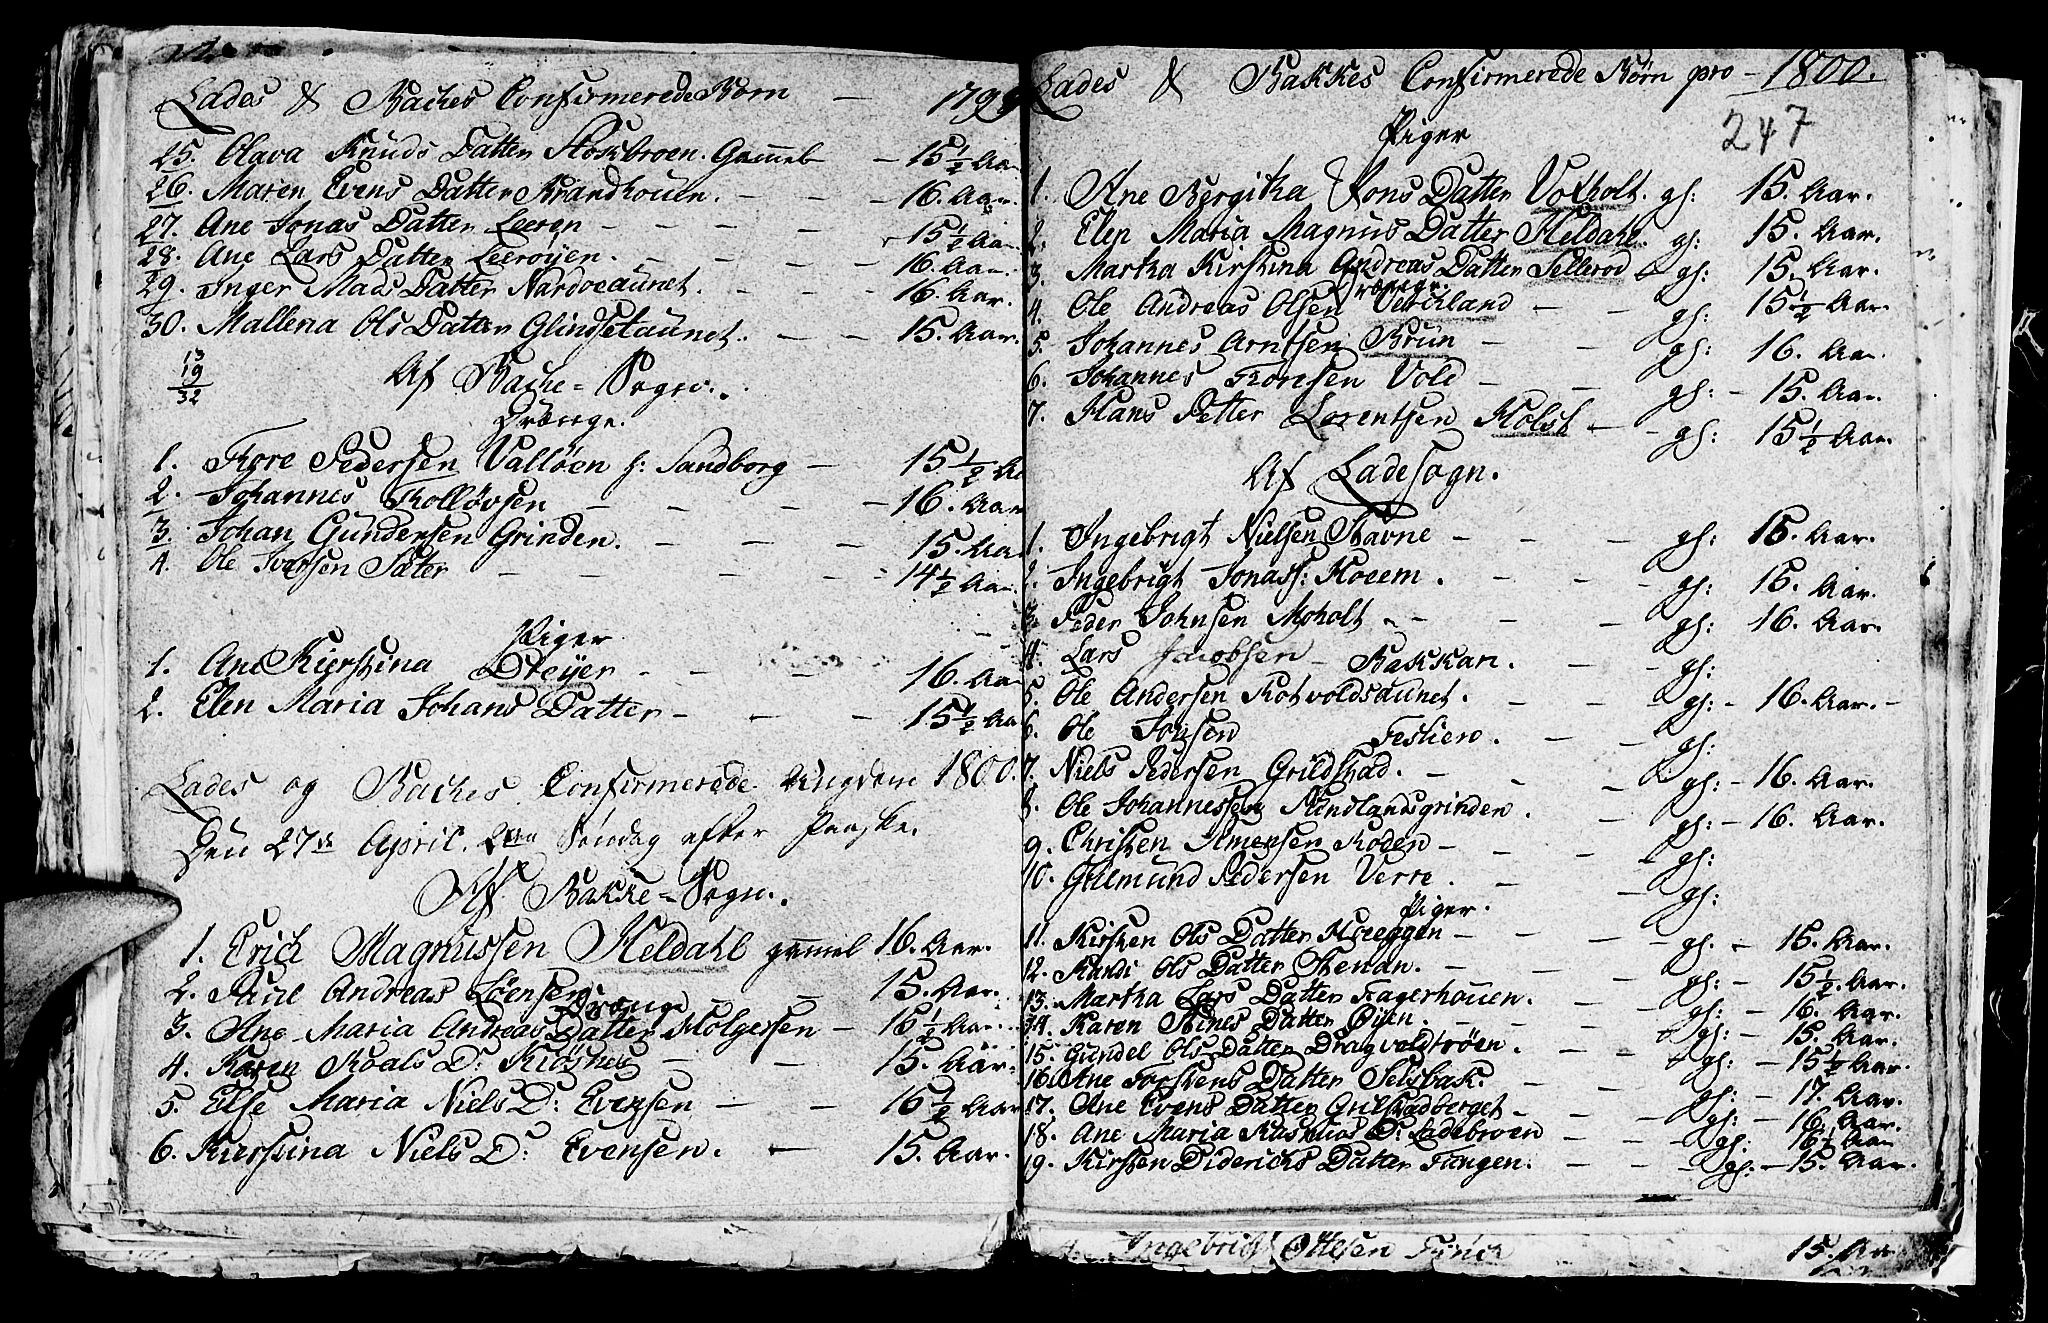 SAT, Ministerialprotokoller, klokkerbøker og fødselsregistre - Sør-Trøndelag, 604/L0218: Klokkerbok nr. 604C01, 1754-1819, s. 247